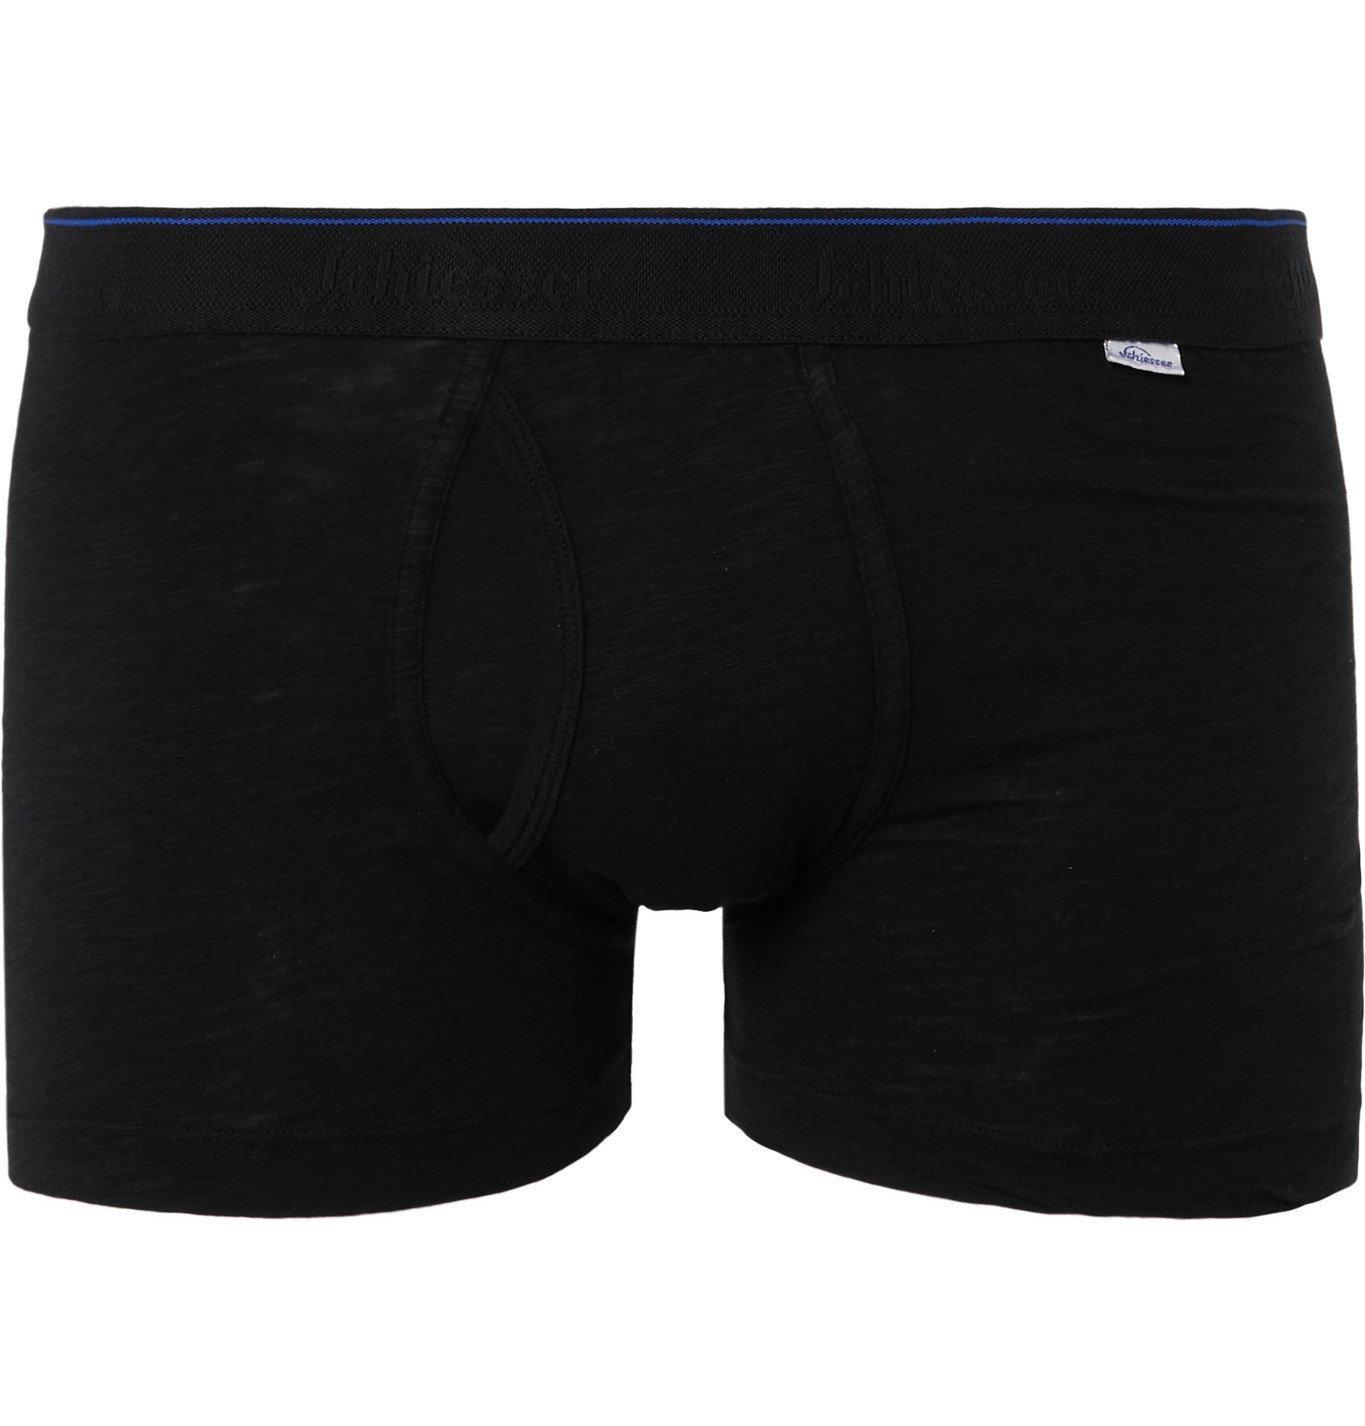 Schiesser - Hanno Stretch Cotton-Jersey Boxer Briefs - Black